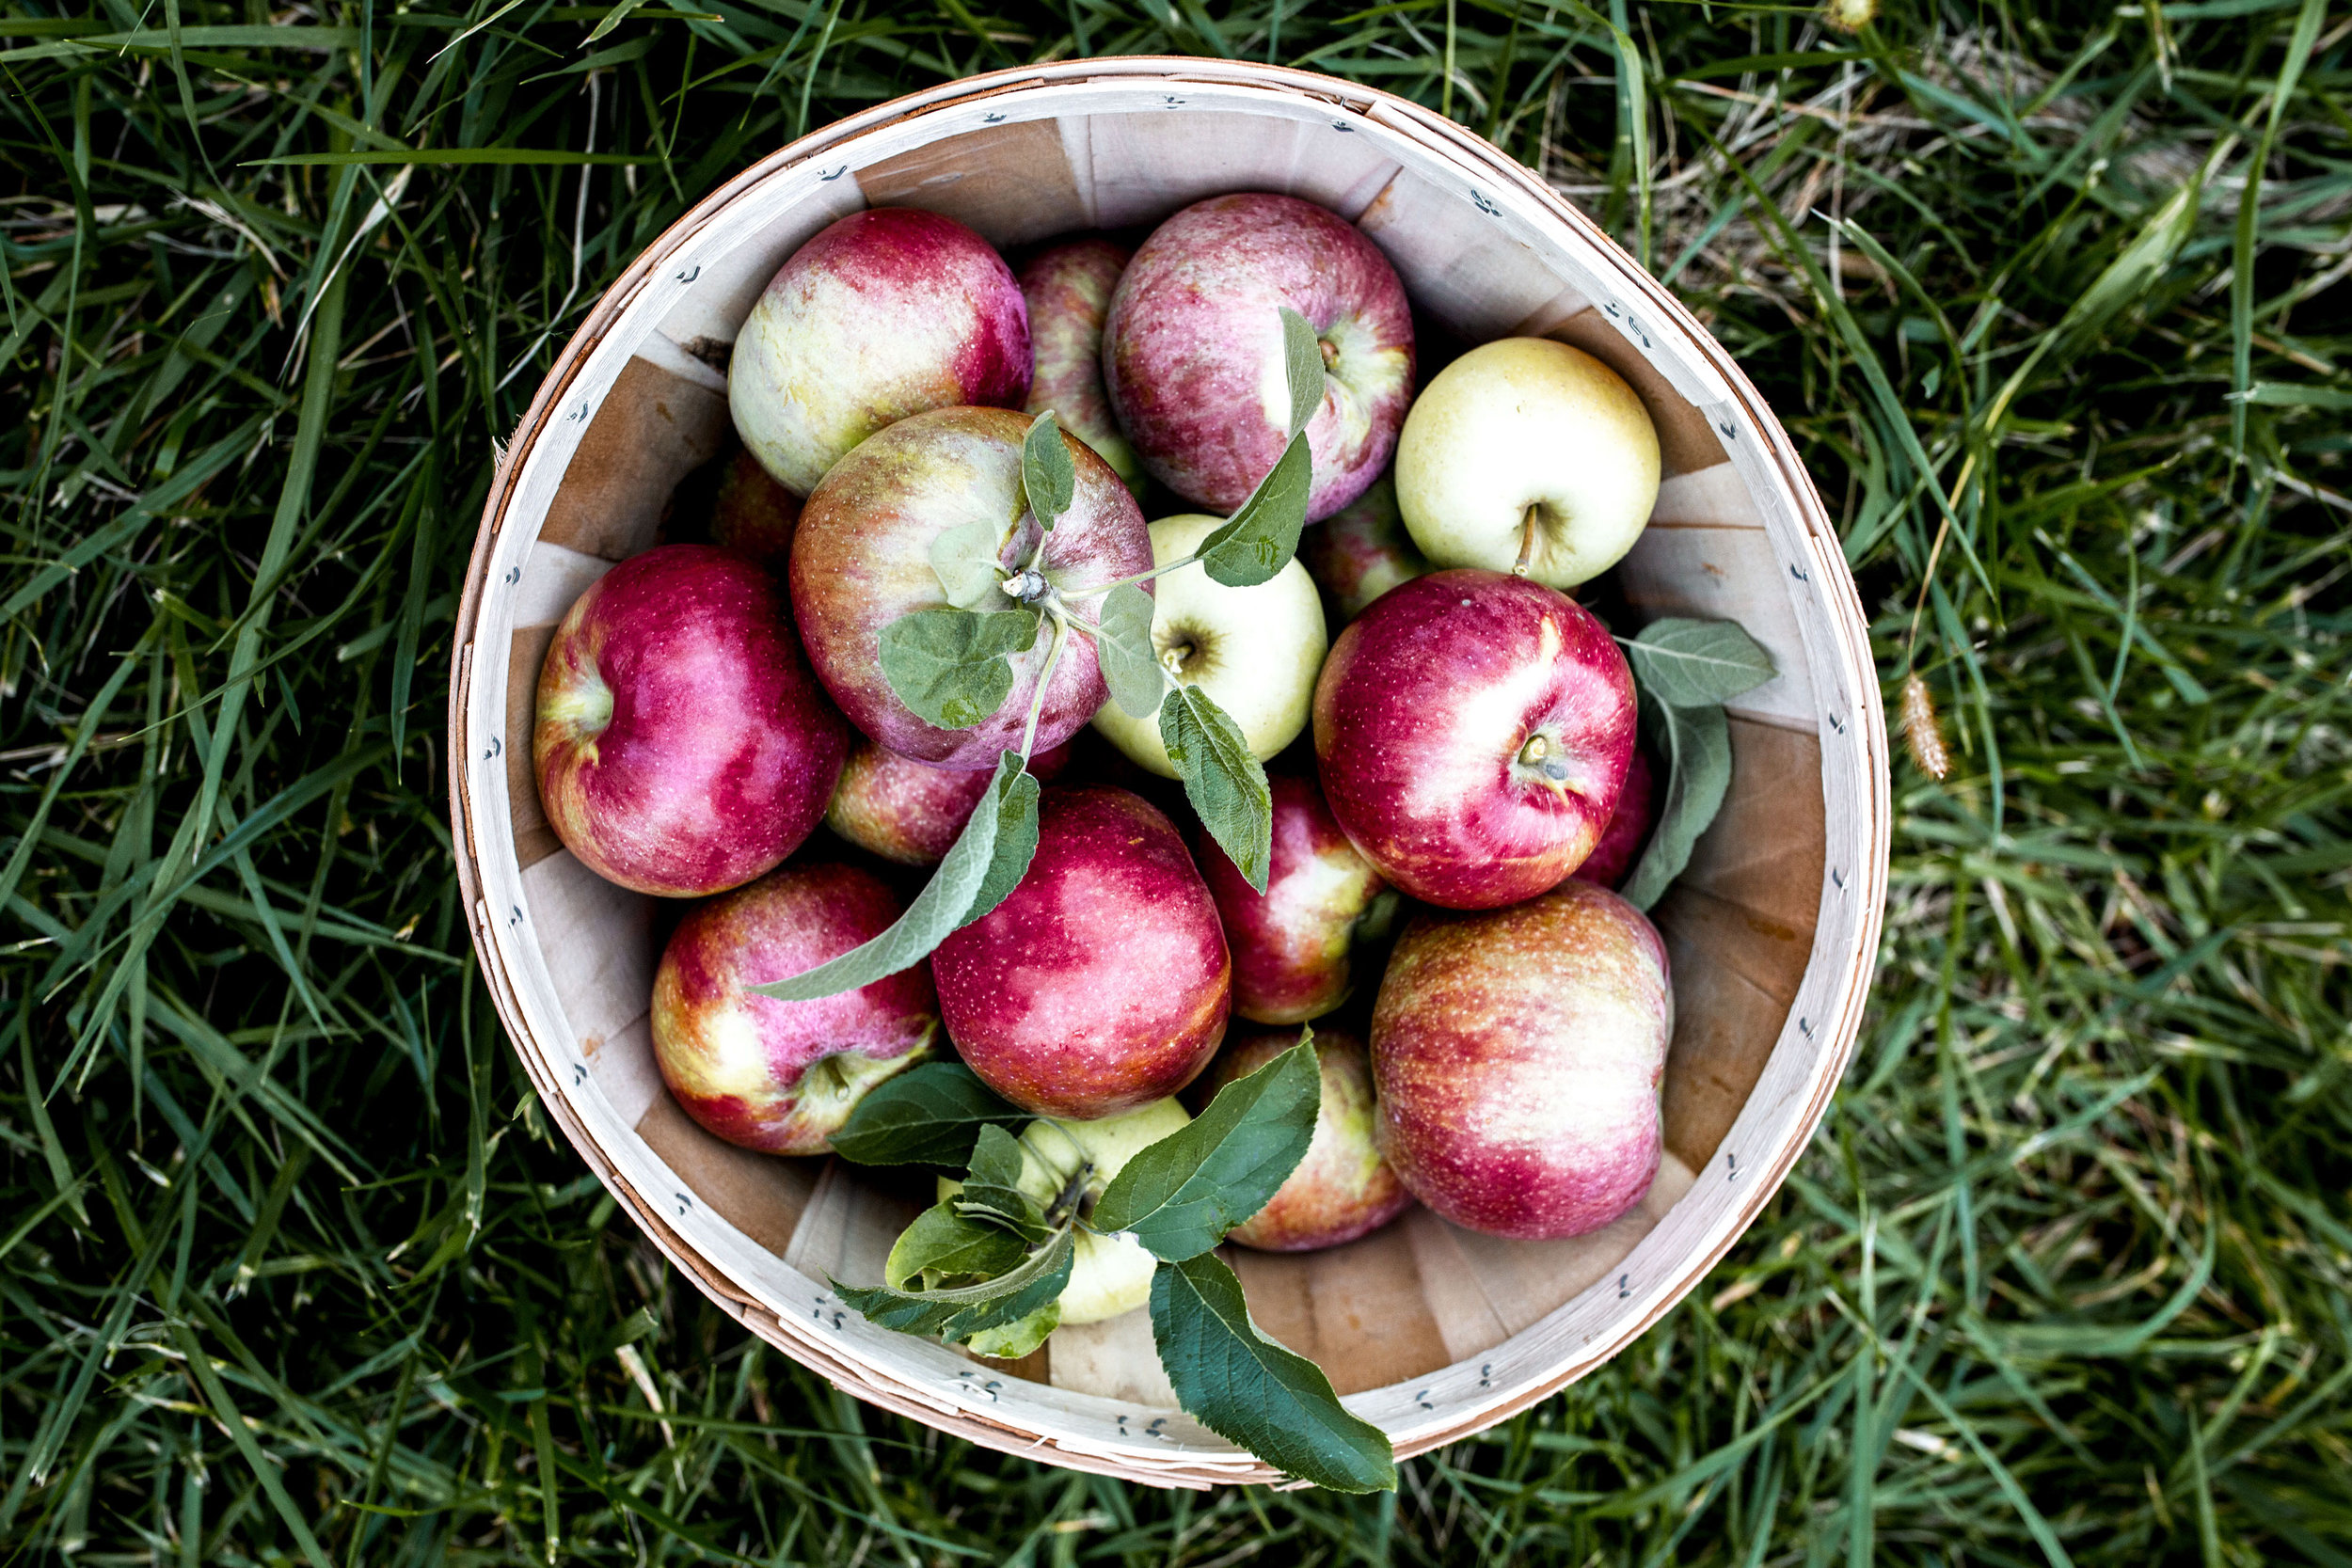 apple-cider-donuts.jpg apple-picking-basket.jpg